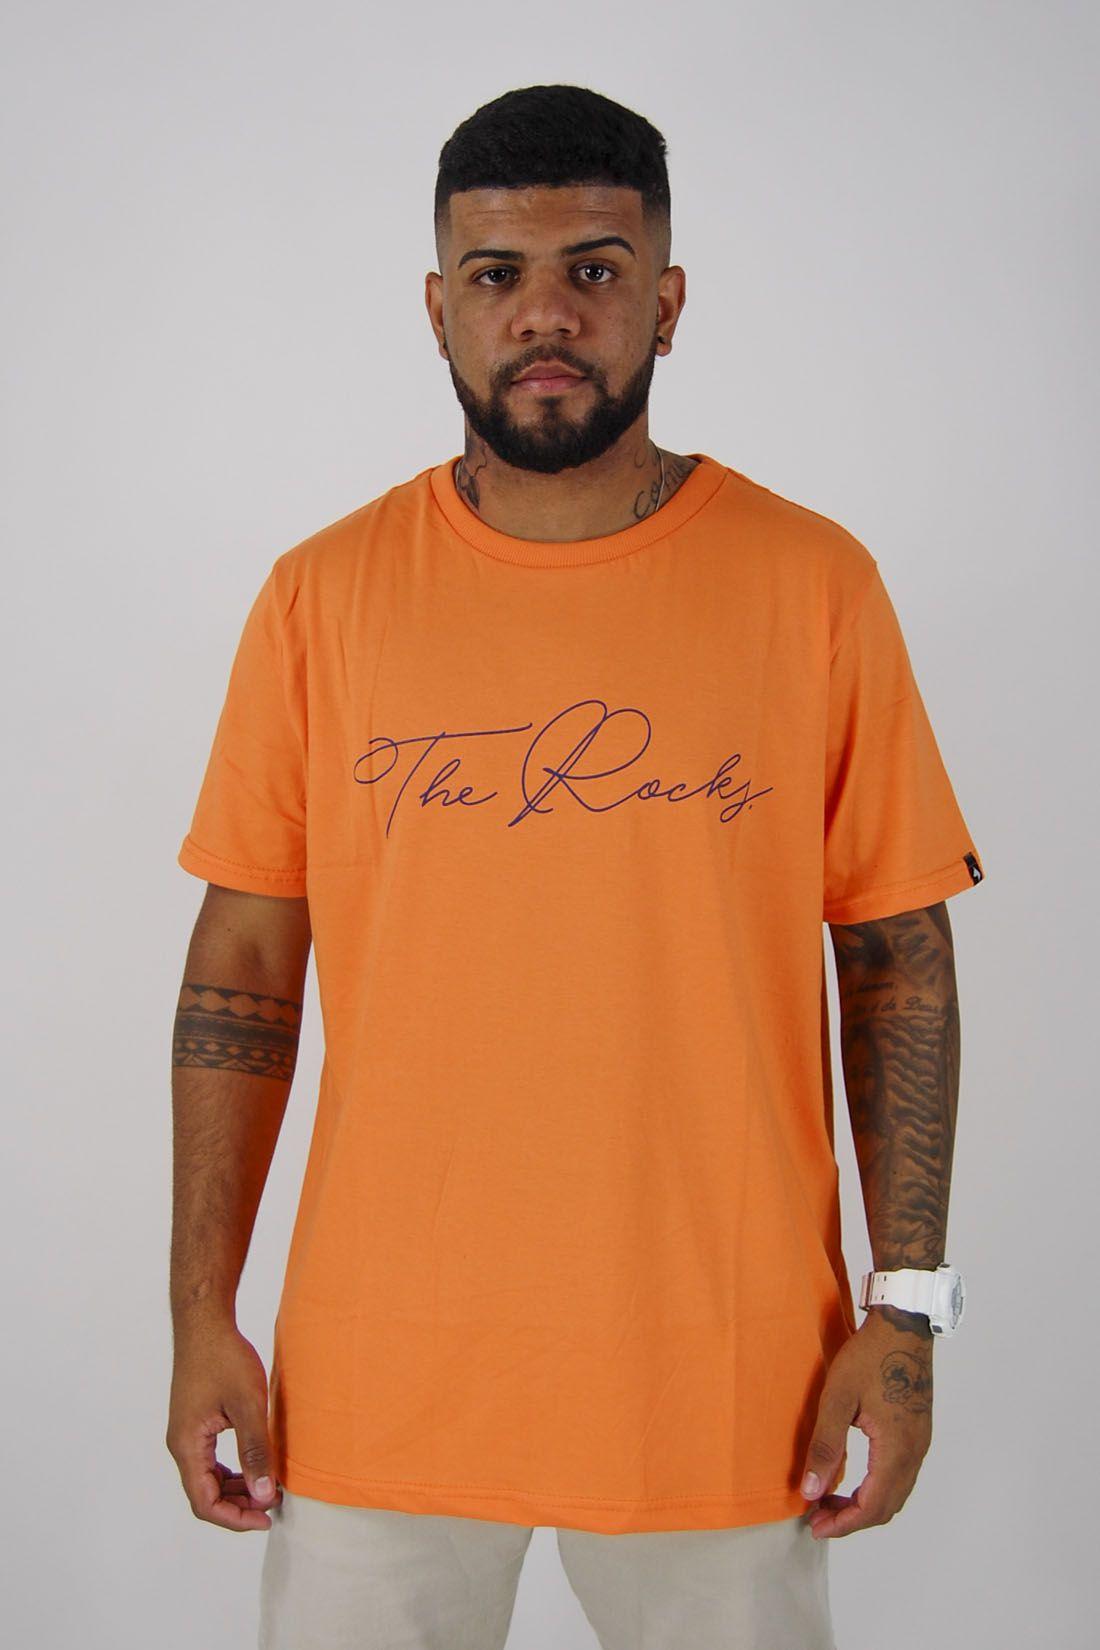 Camiseta Neon The Rocks